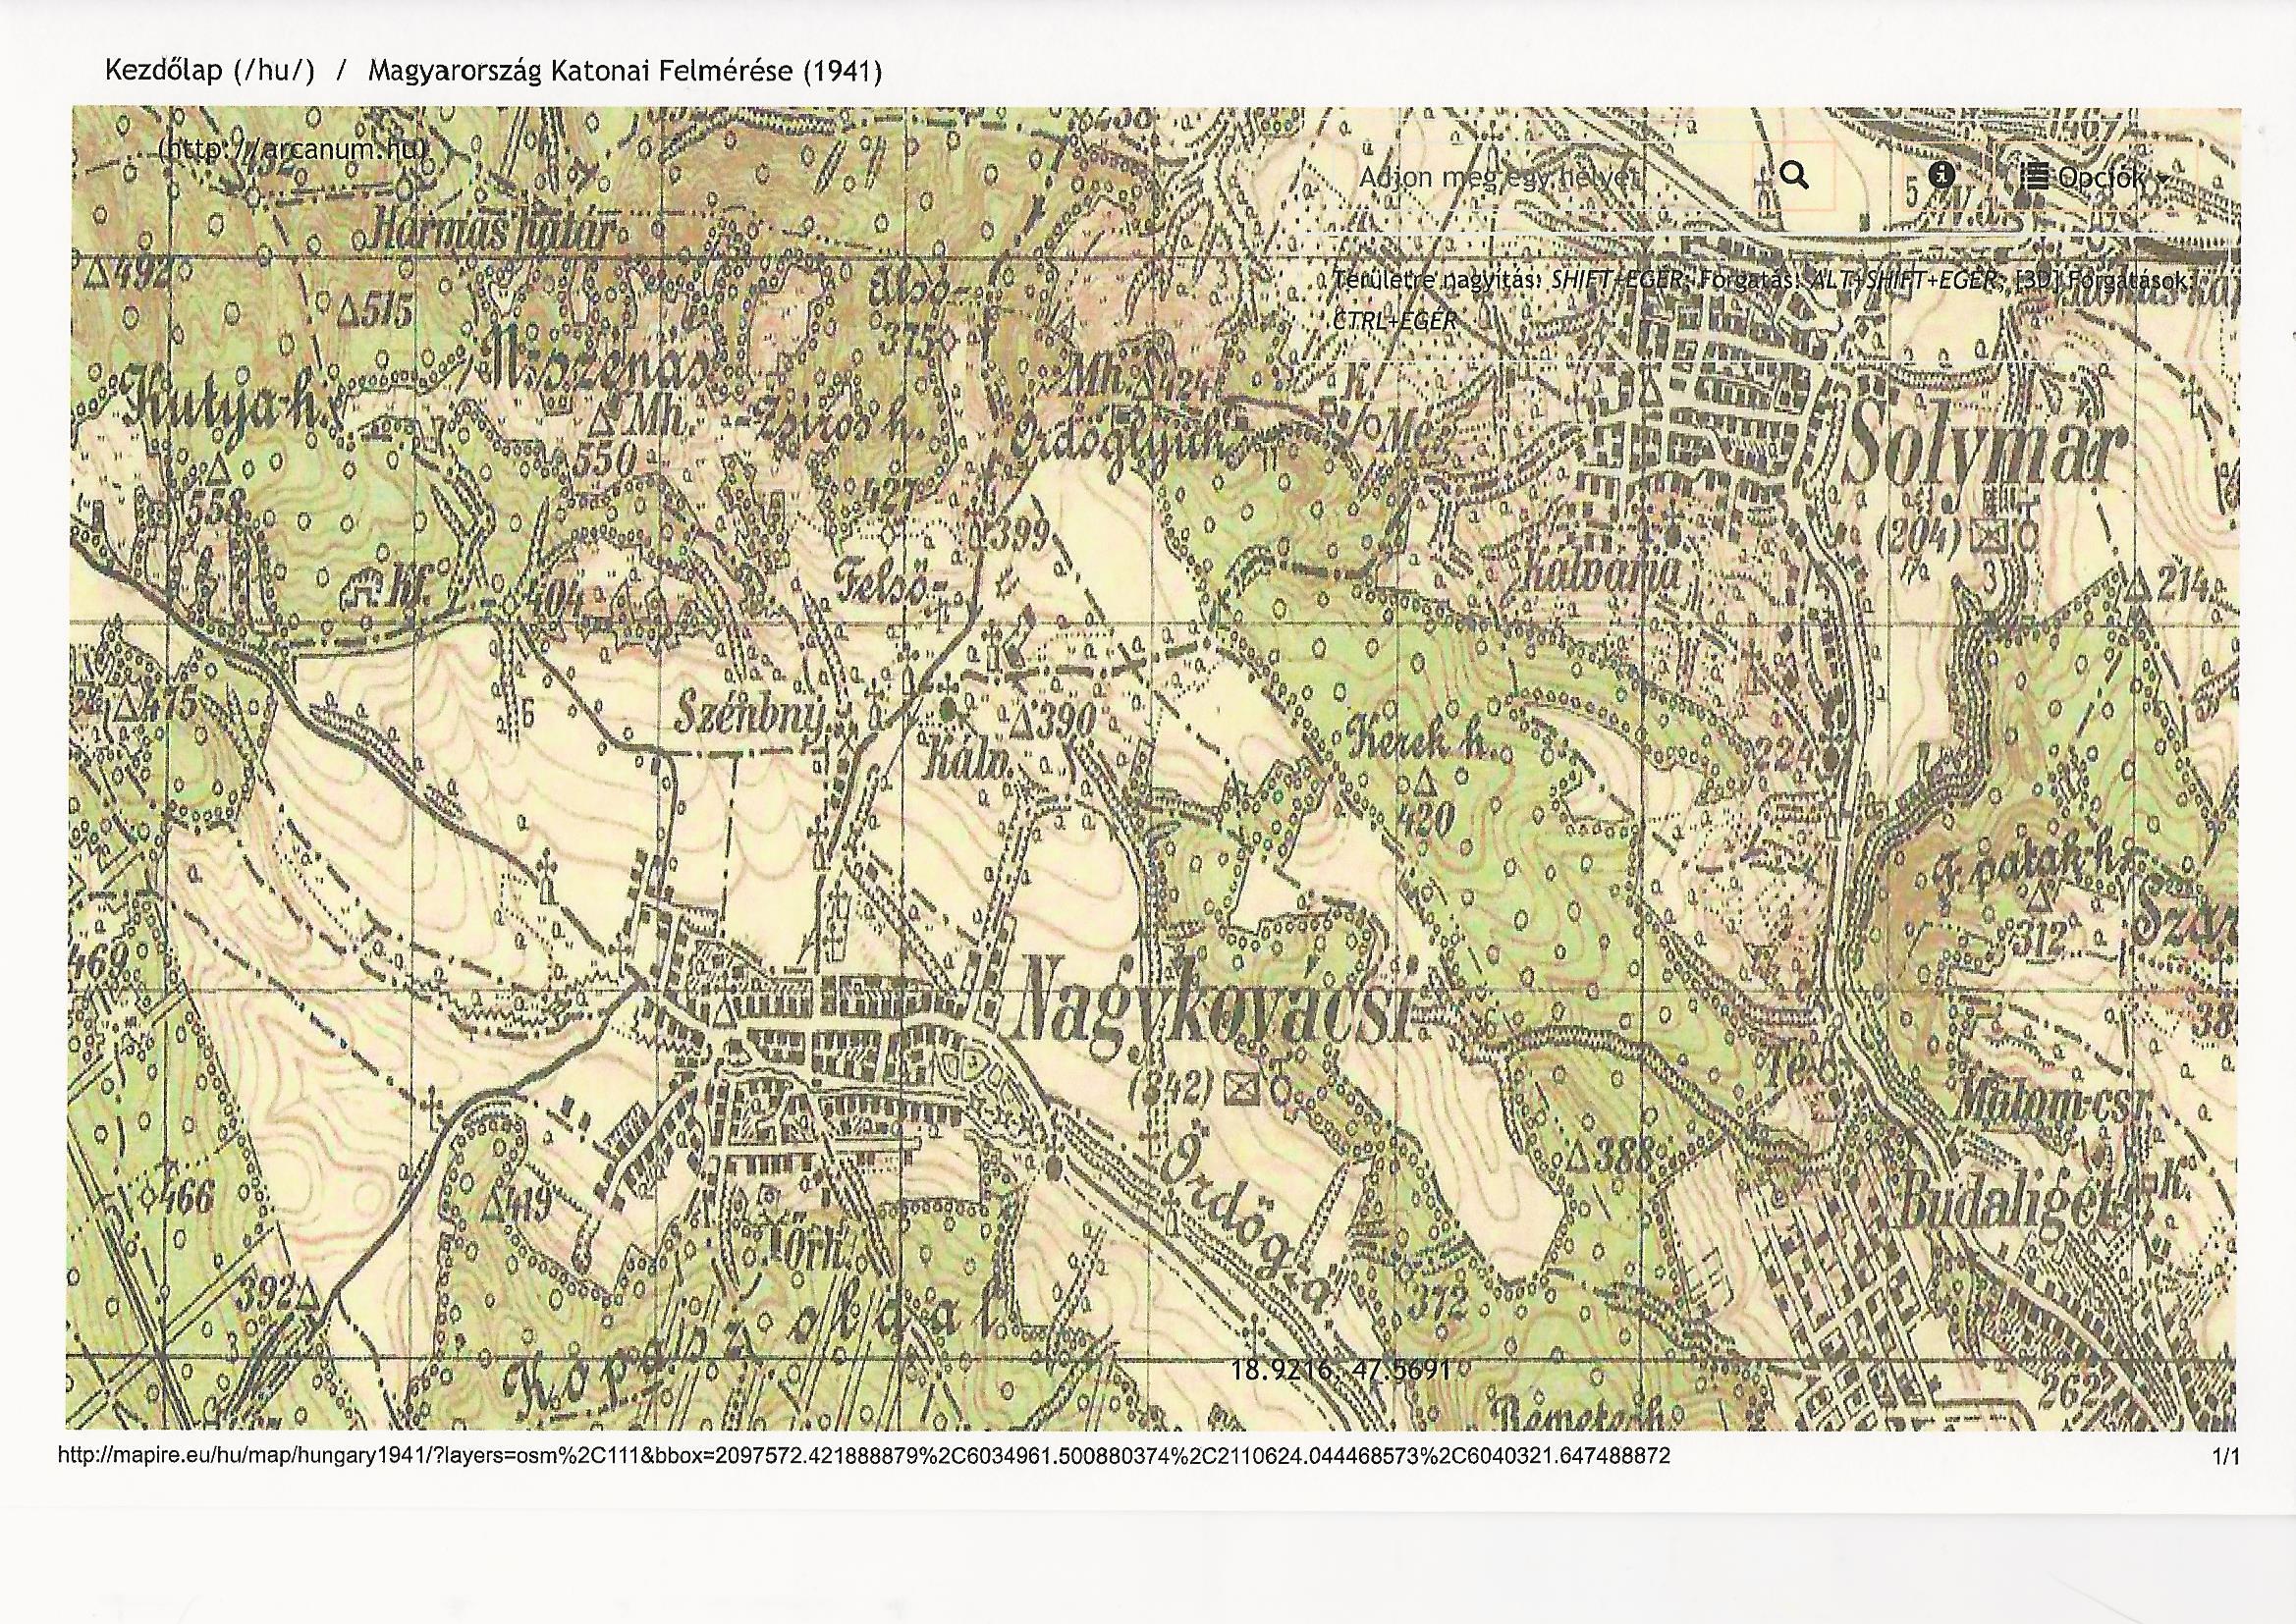 Magyarország Katonai Felmérése 1941